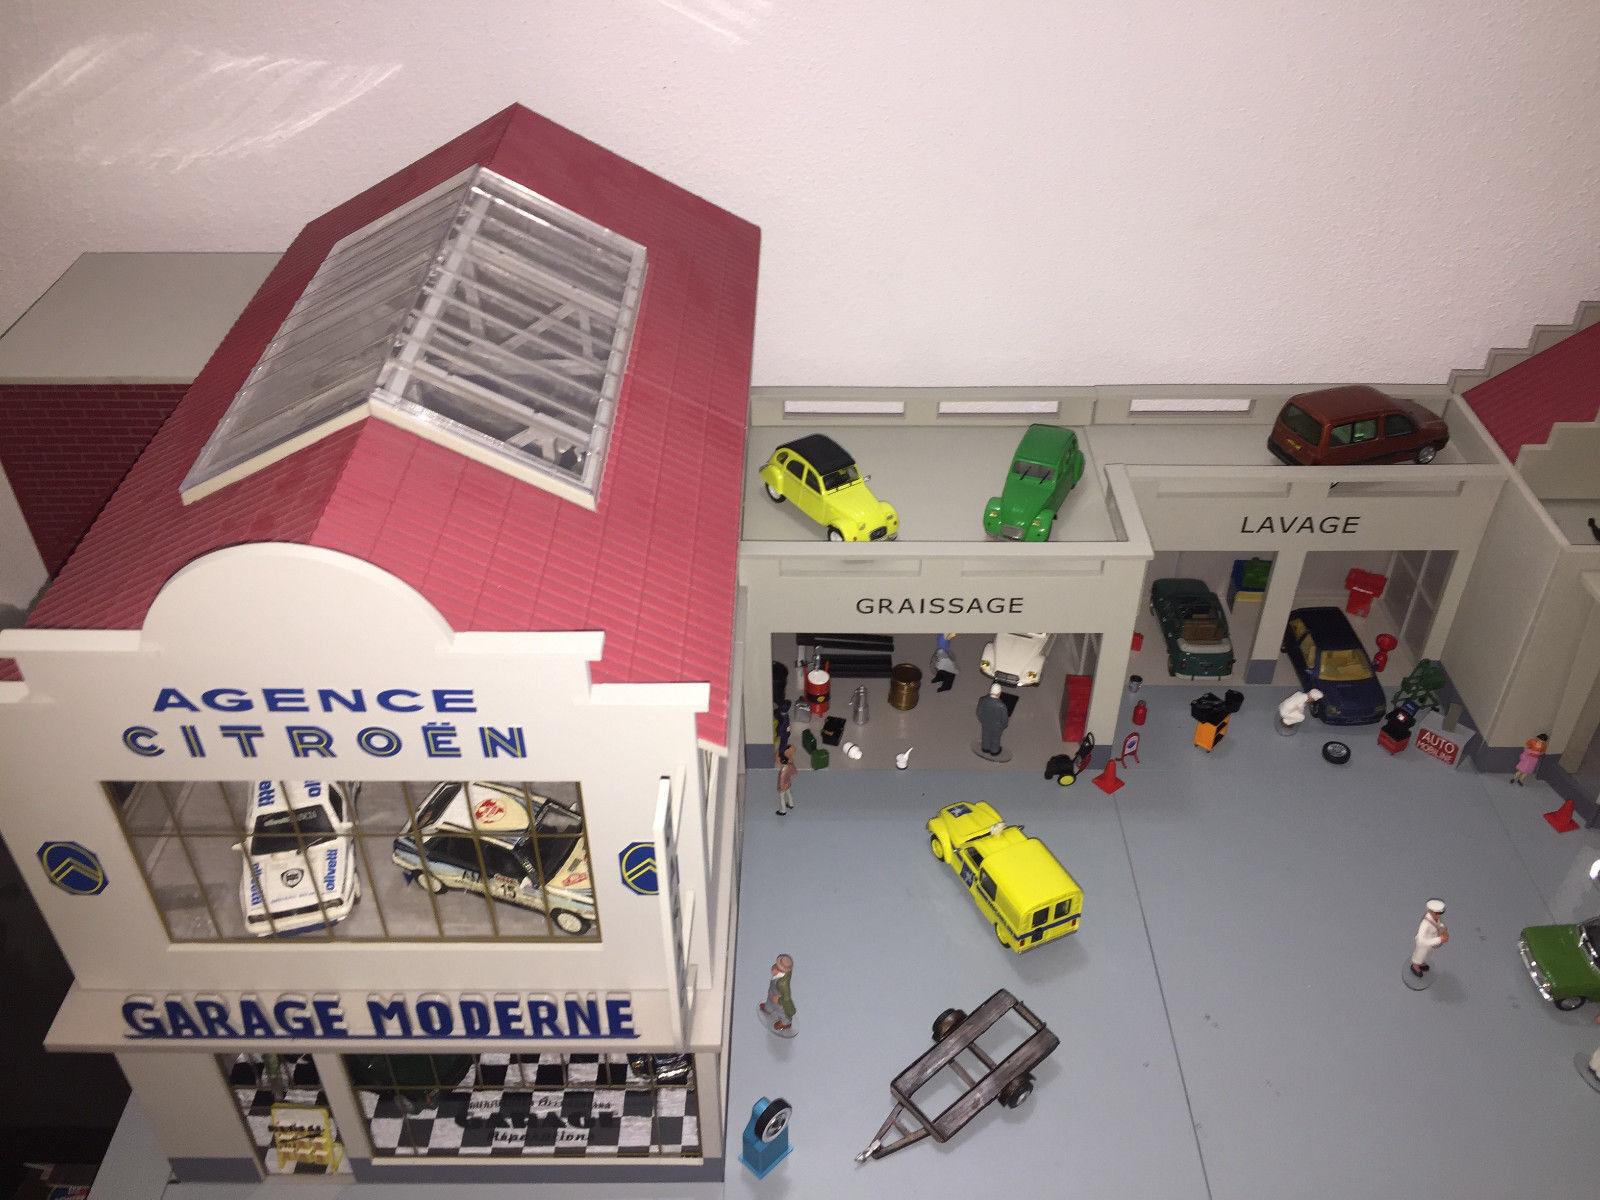 Diorama 1 43 Garage Moderne Agence Citroen Lavage Graissage super dettagliato